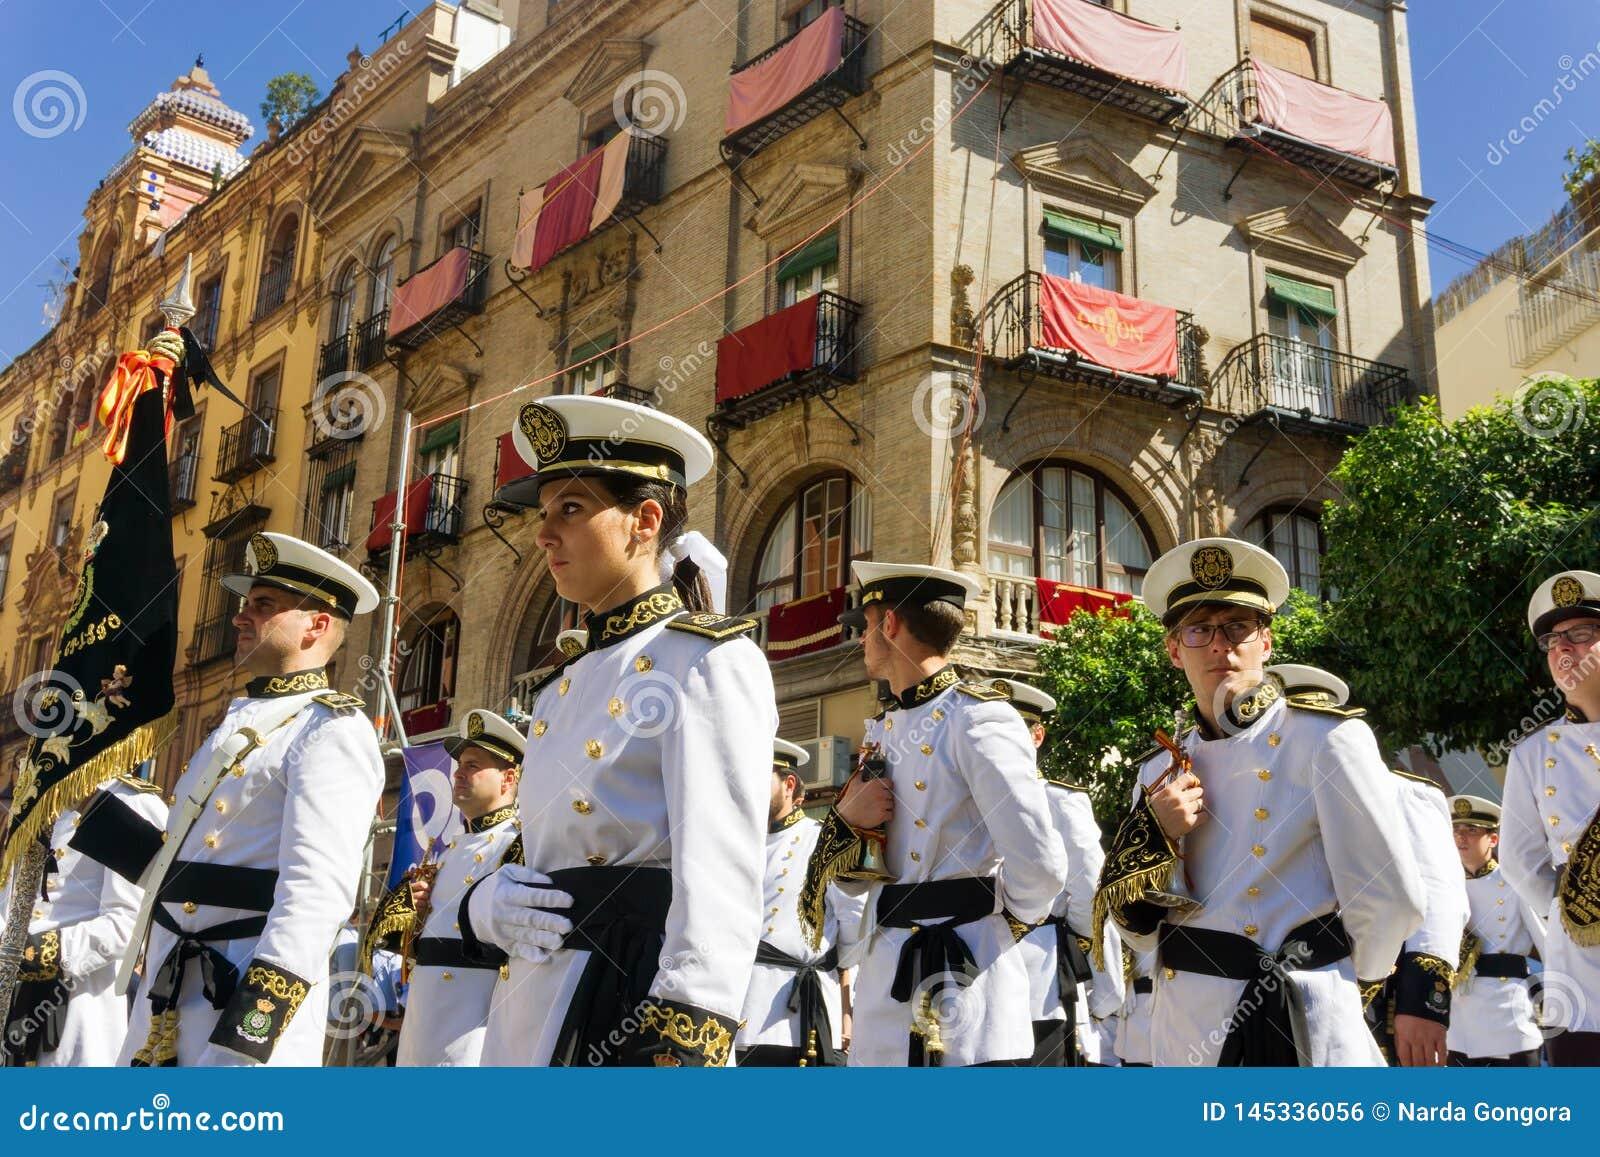 Στρατιωτική ζώνη στη Σεβίλη, Ισπανία